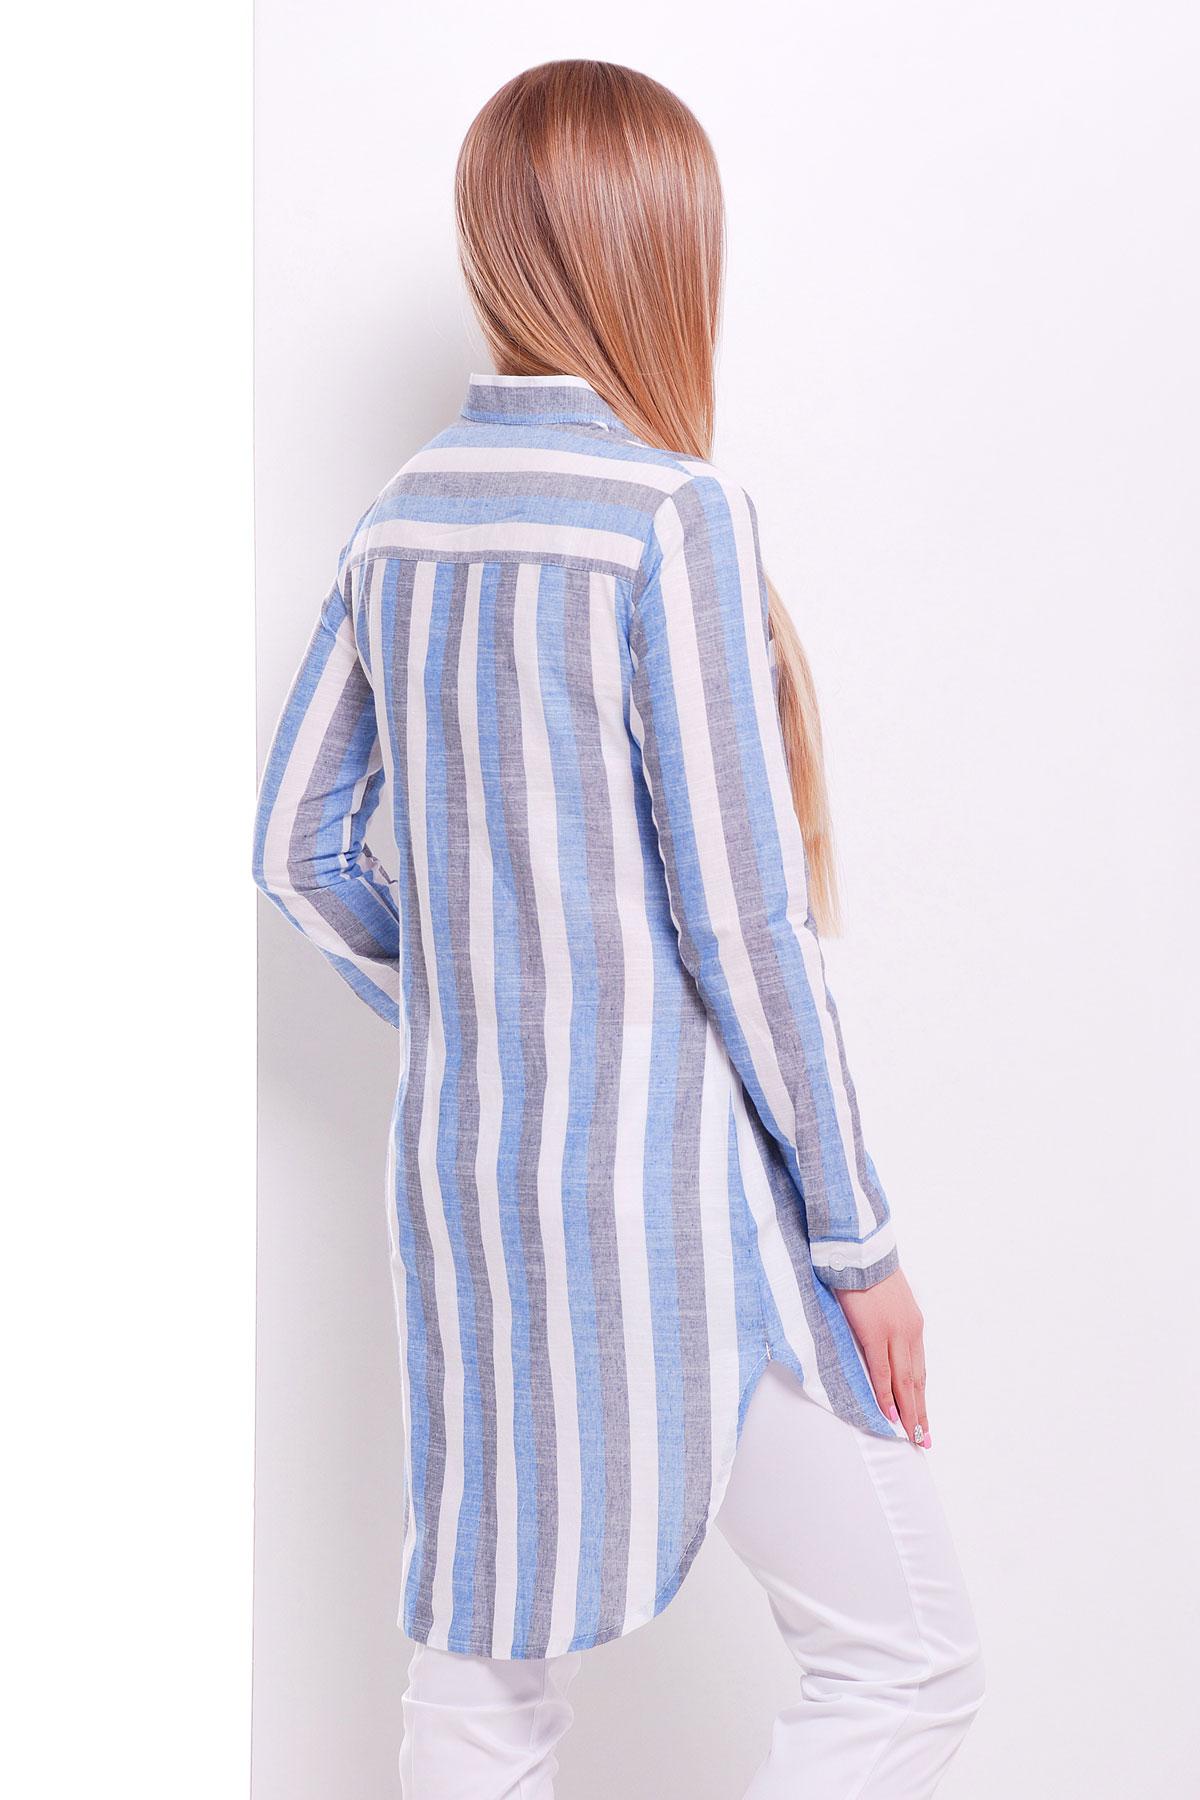 5f1eeaebcdc длинная женская рубашка в полоску. рубашка Саронта д р. Цвет  электрик-